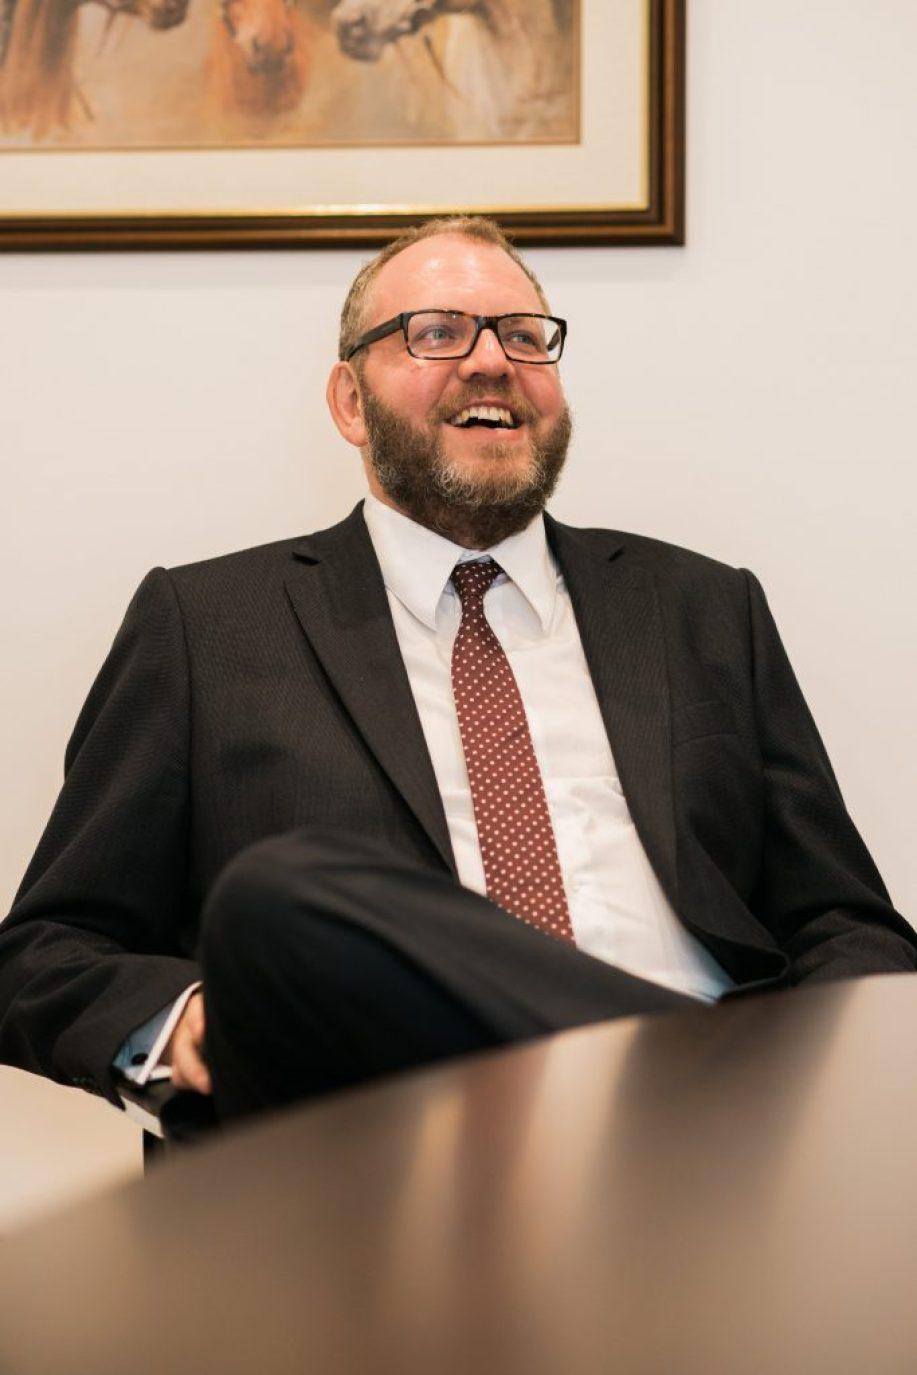 Andrew McHale